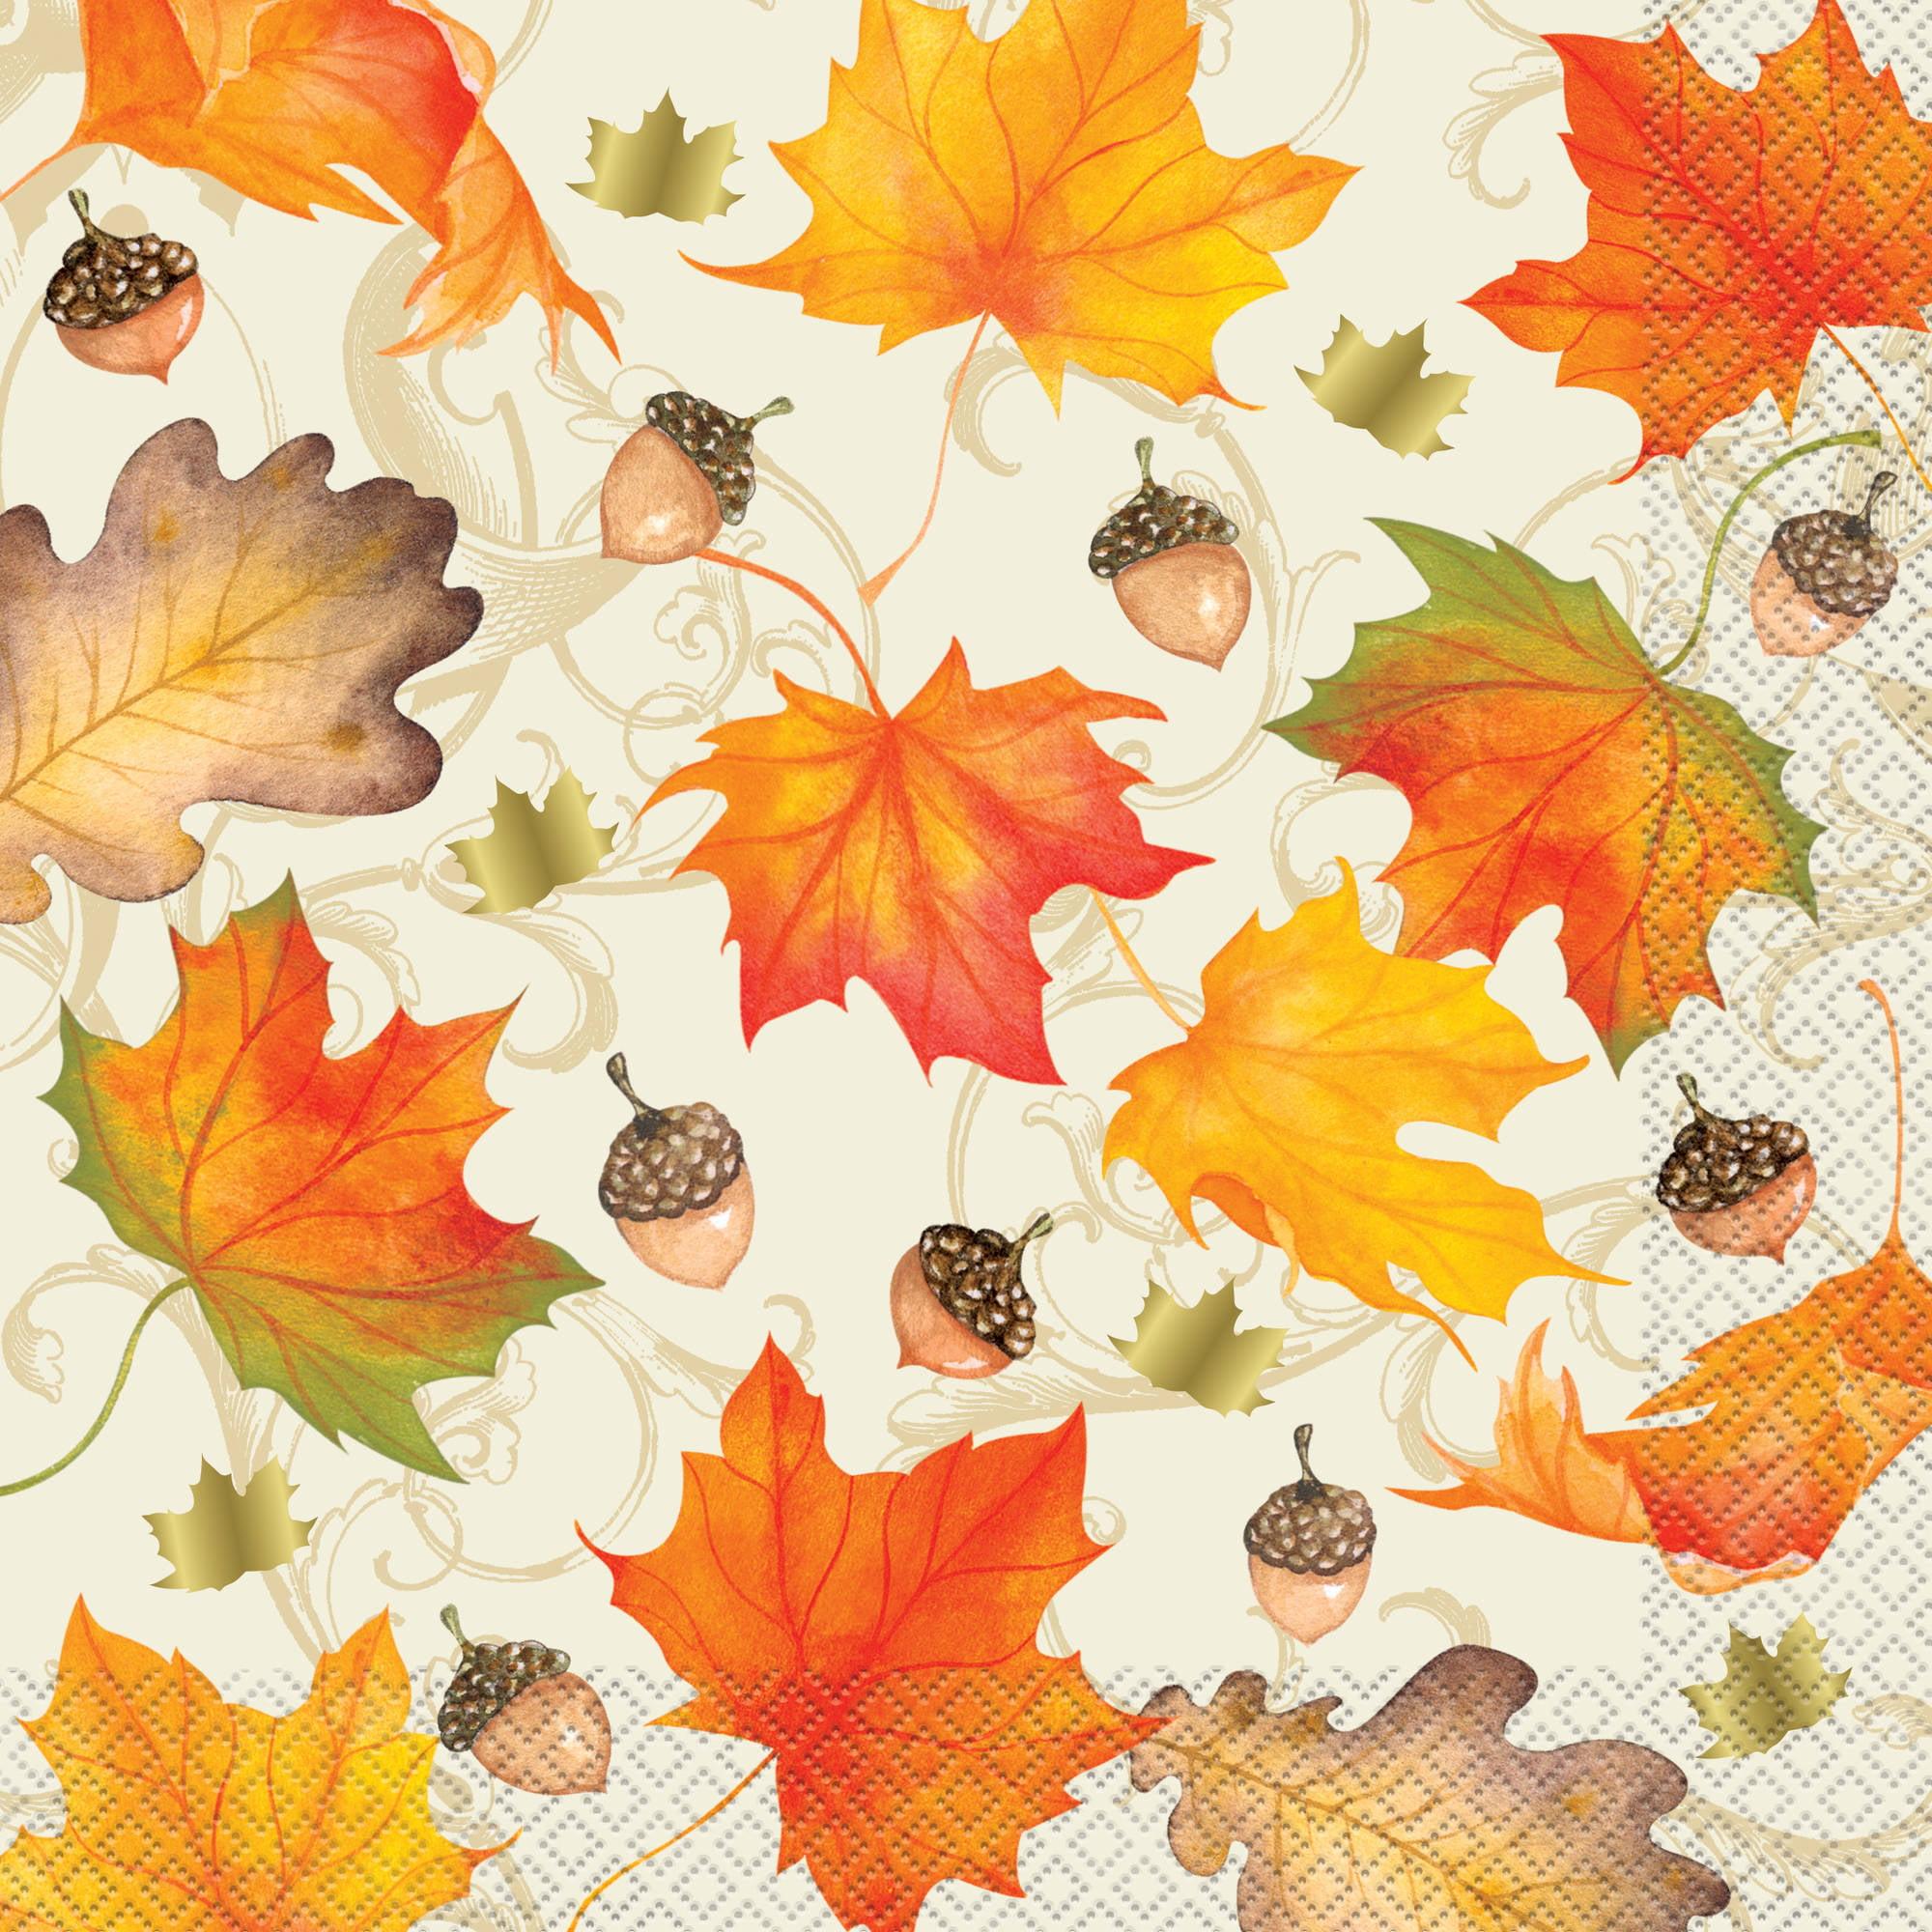 Fall Leaves Thanksgiving Dinner Napkins, Gold Foil, 16ct